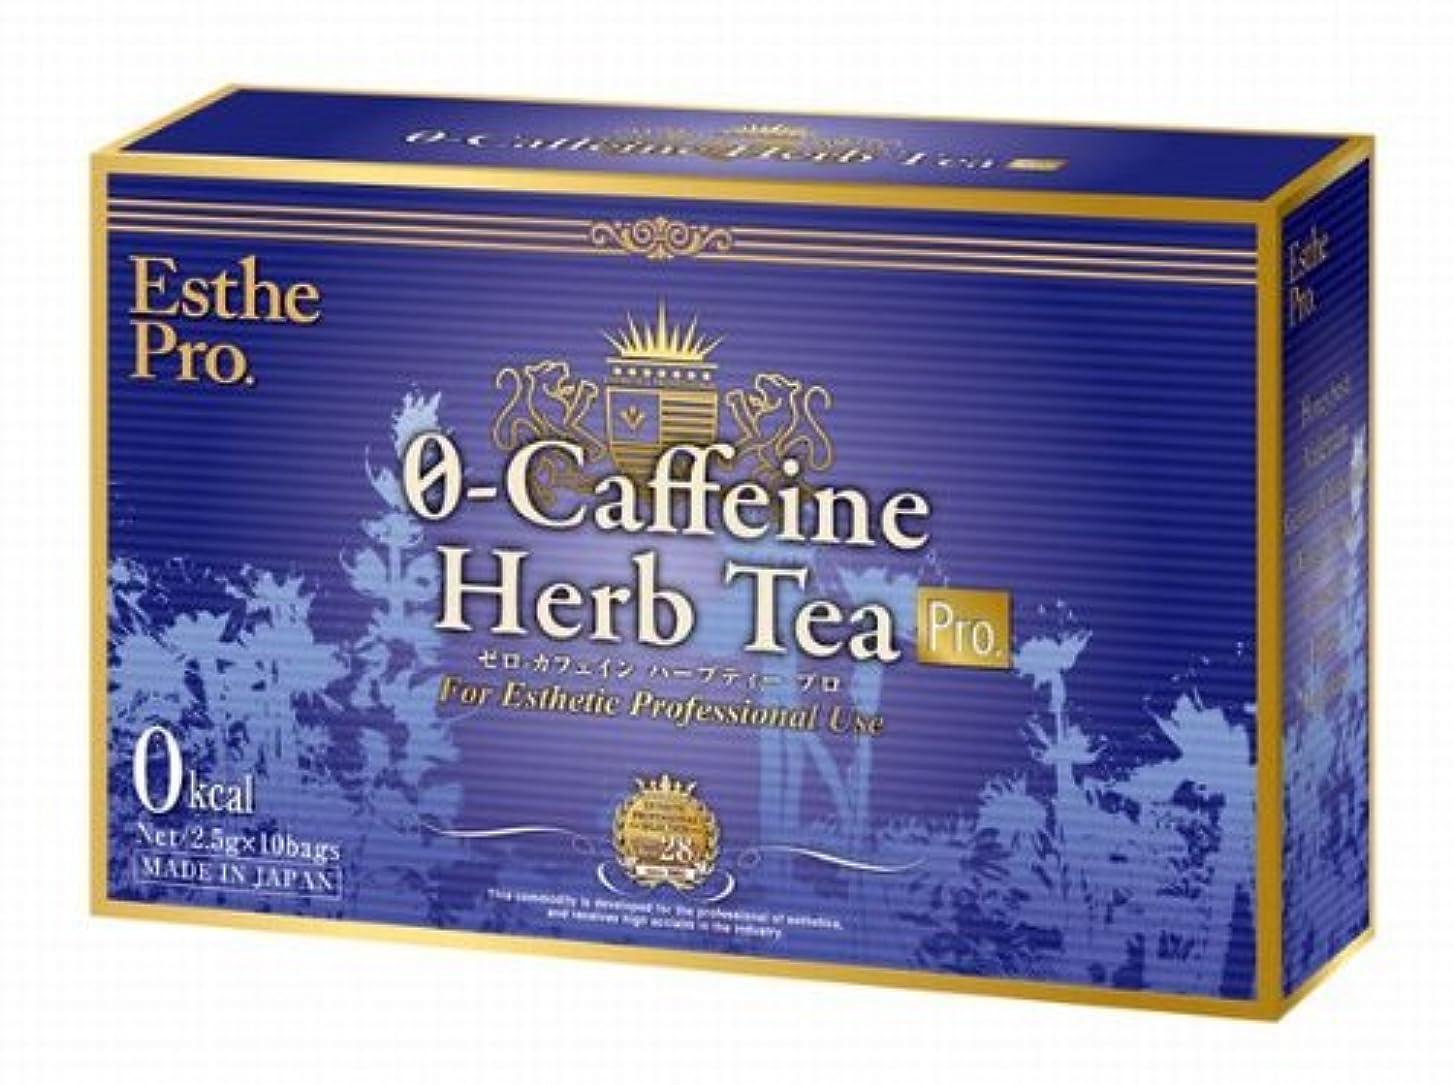 職人泣くアクセントエステプロ?ラボ(Esthe Pro Labo) ゼロ-カフェイン ハーブティー プロ 2.5g×10包